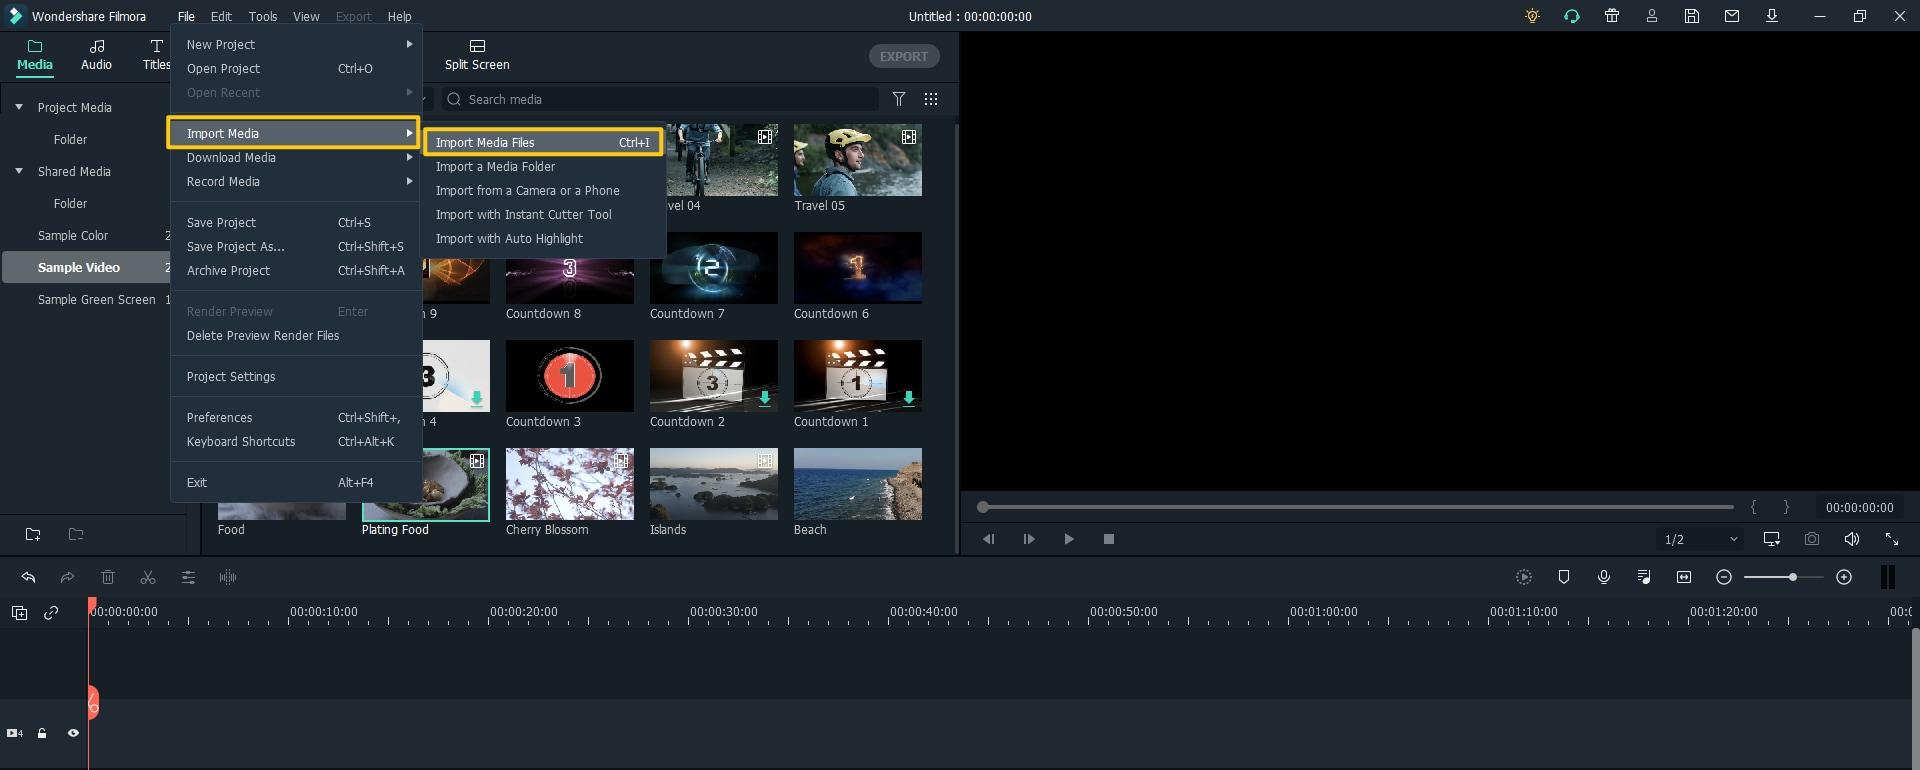 filmora stop motion app